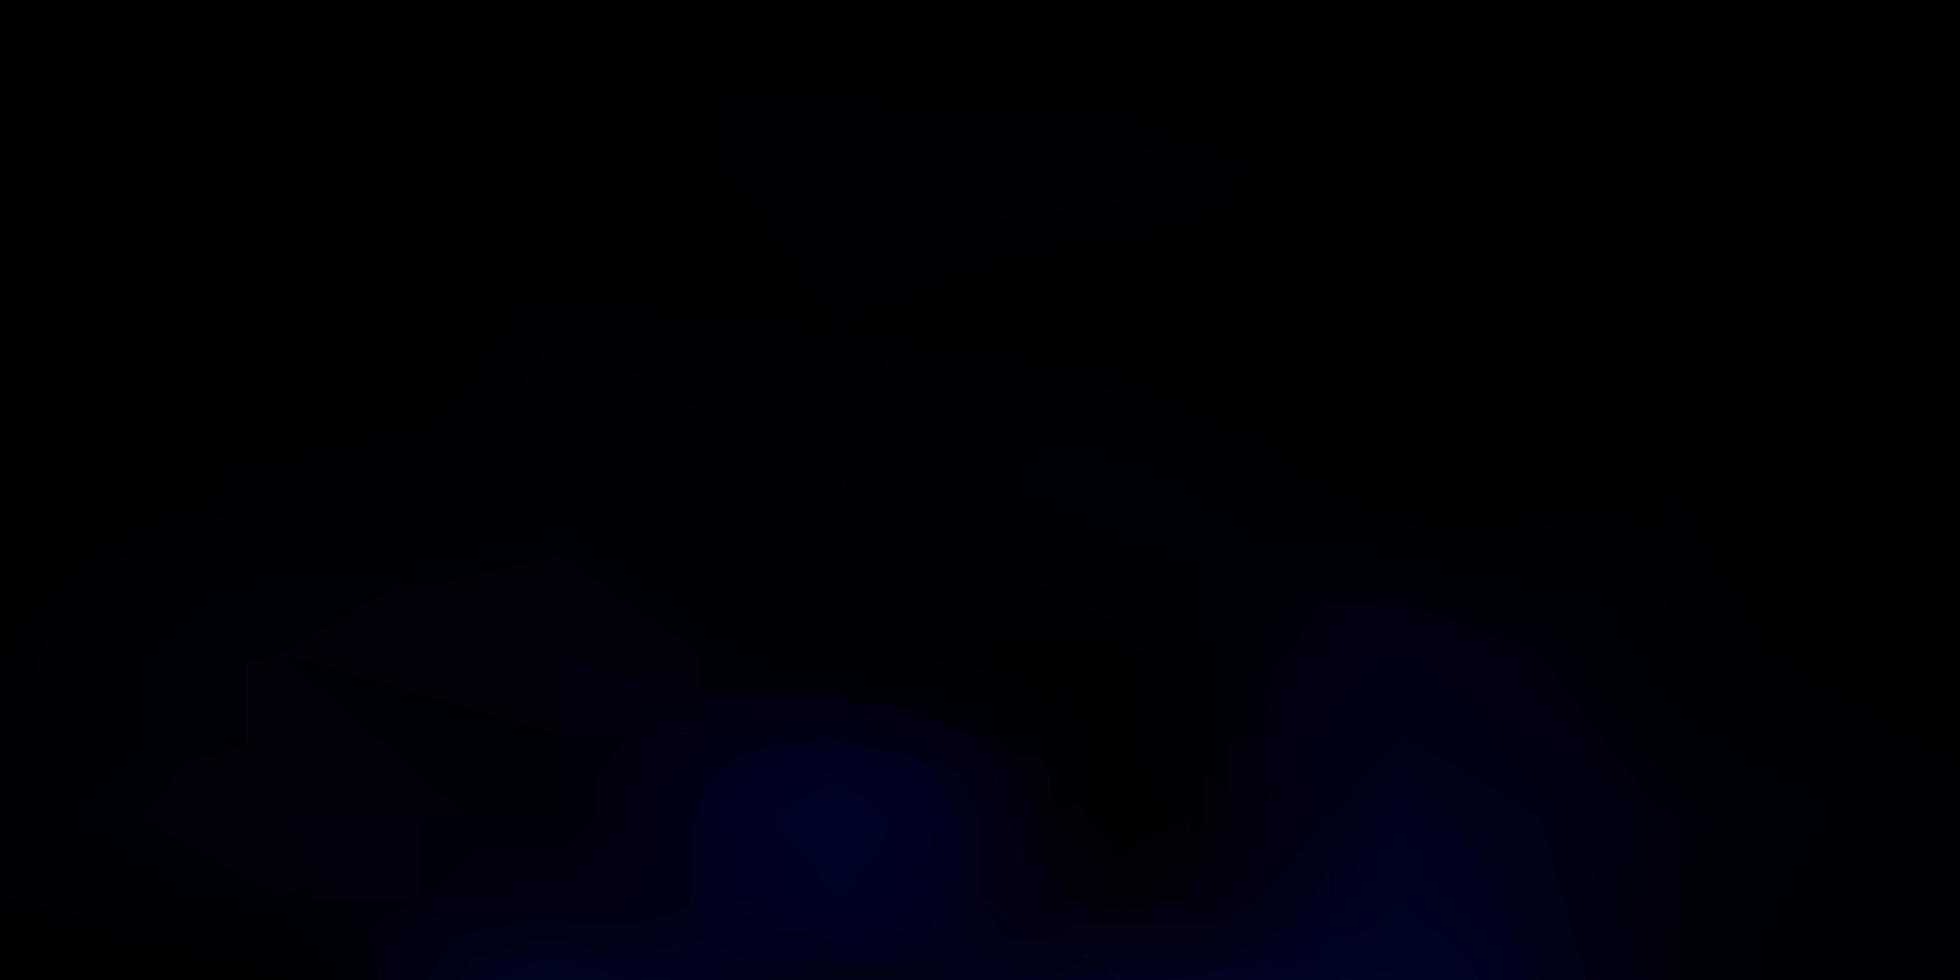 toile de fond floue vecteur bleu foncé.